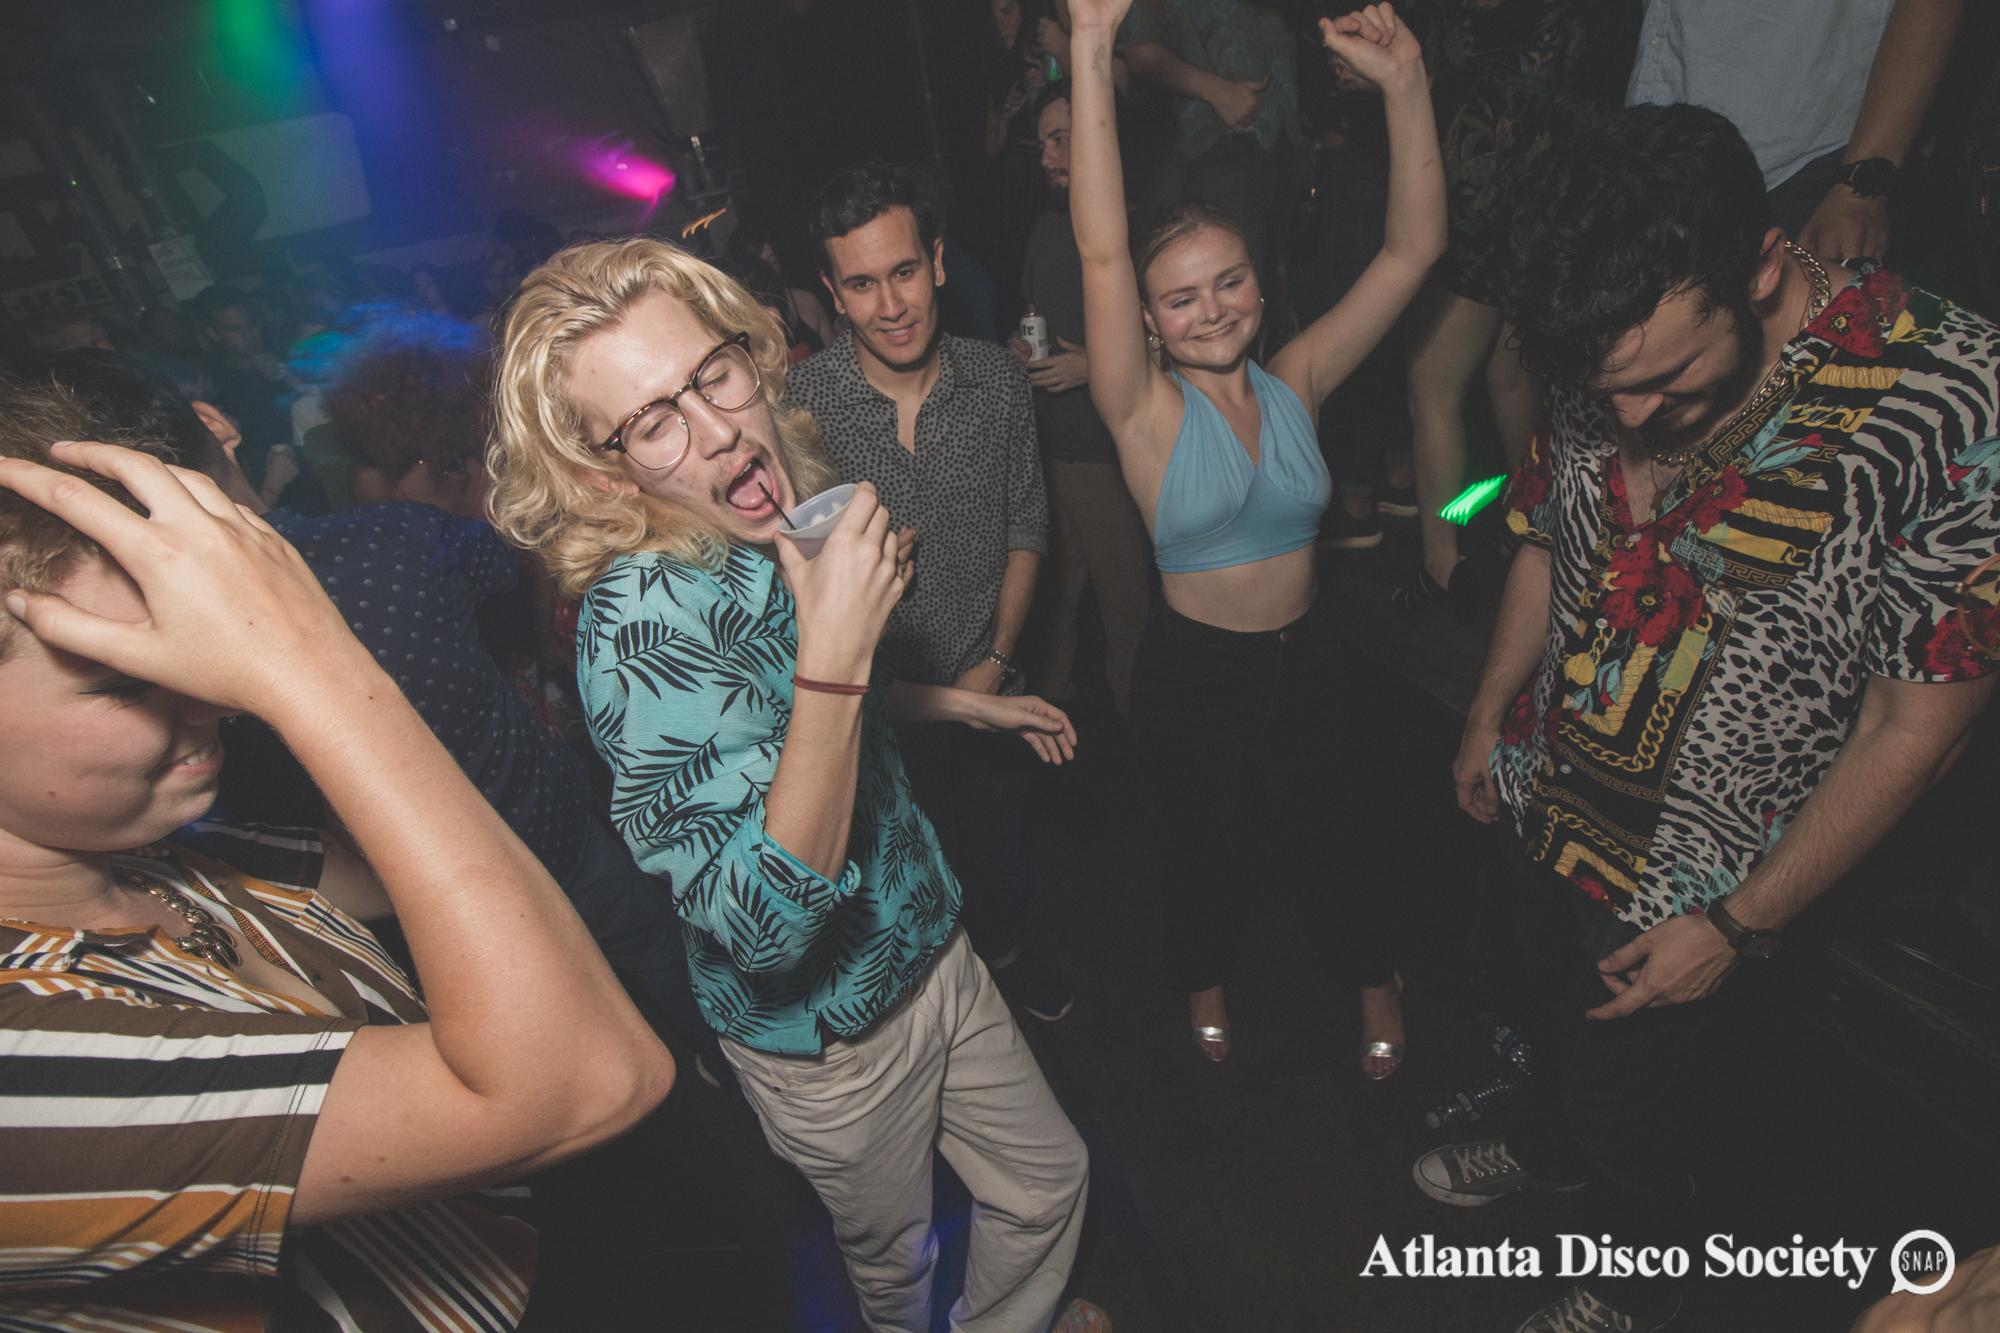 135Atlanta Disco Society Grace Kelly Oh Snap Kid 7.27.19.jpg